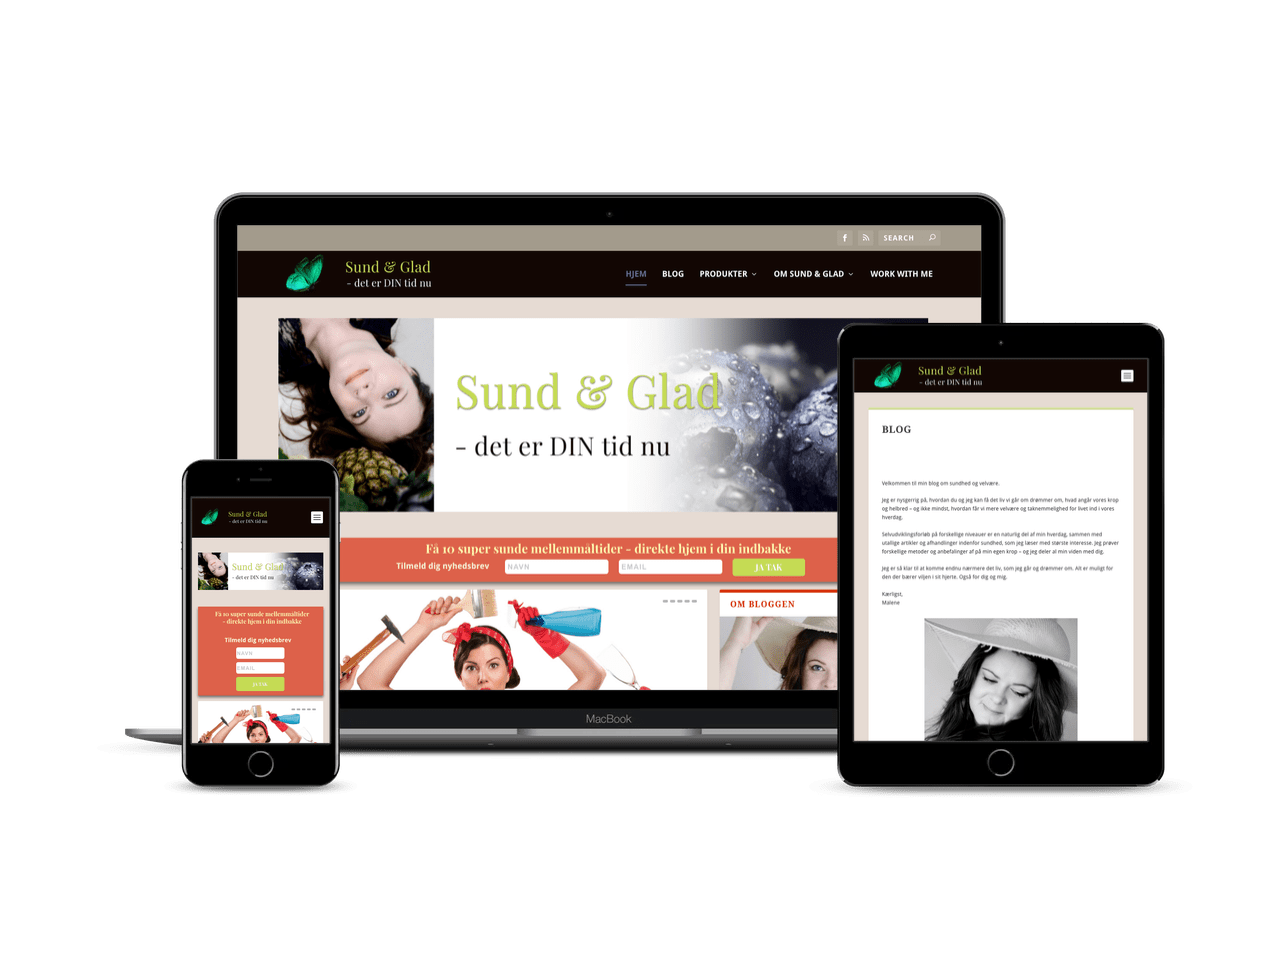 Blog til Sund & Glad NU